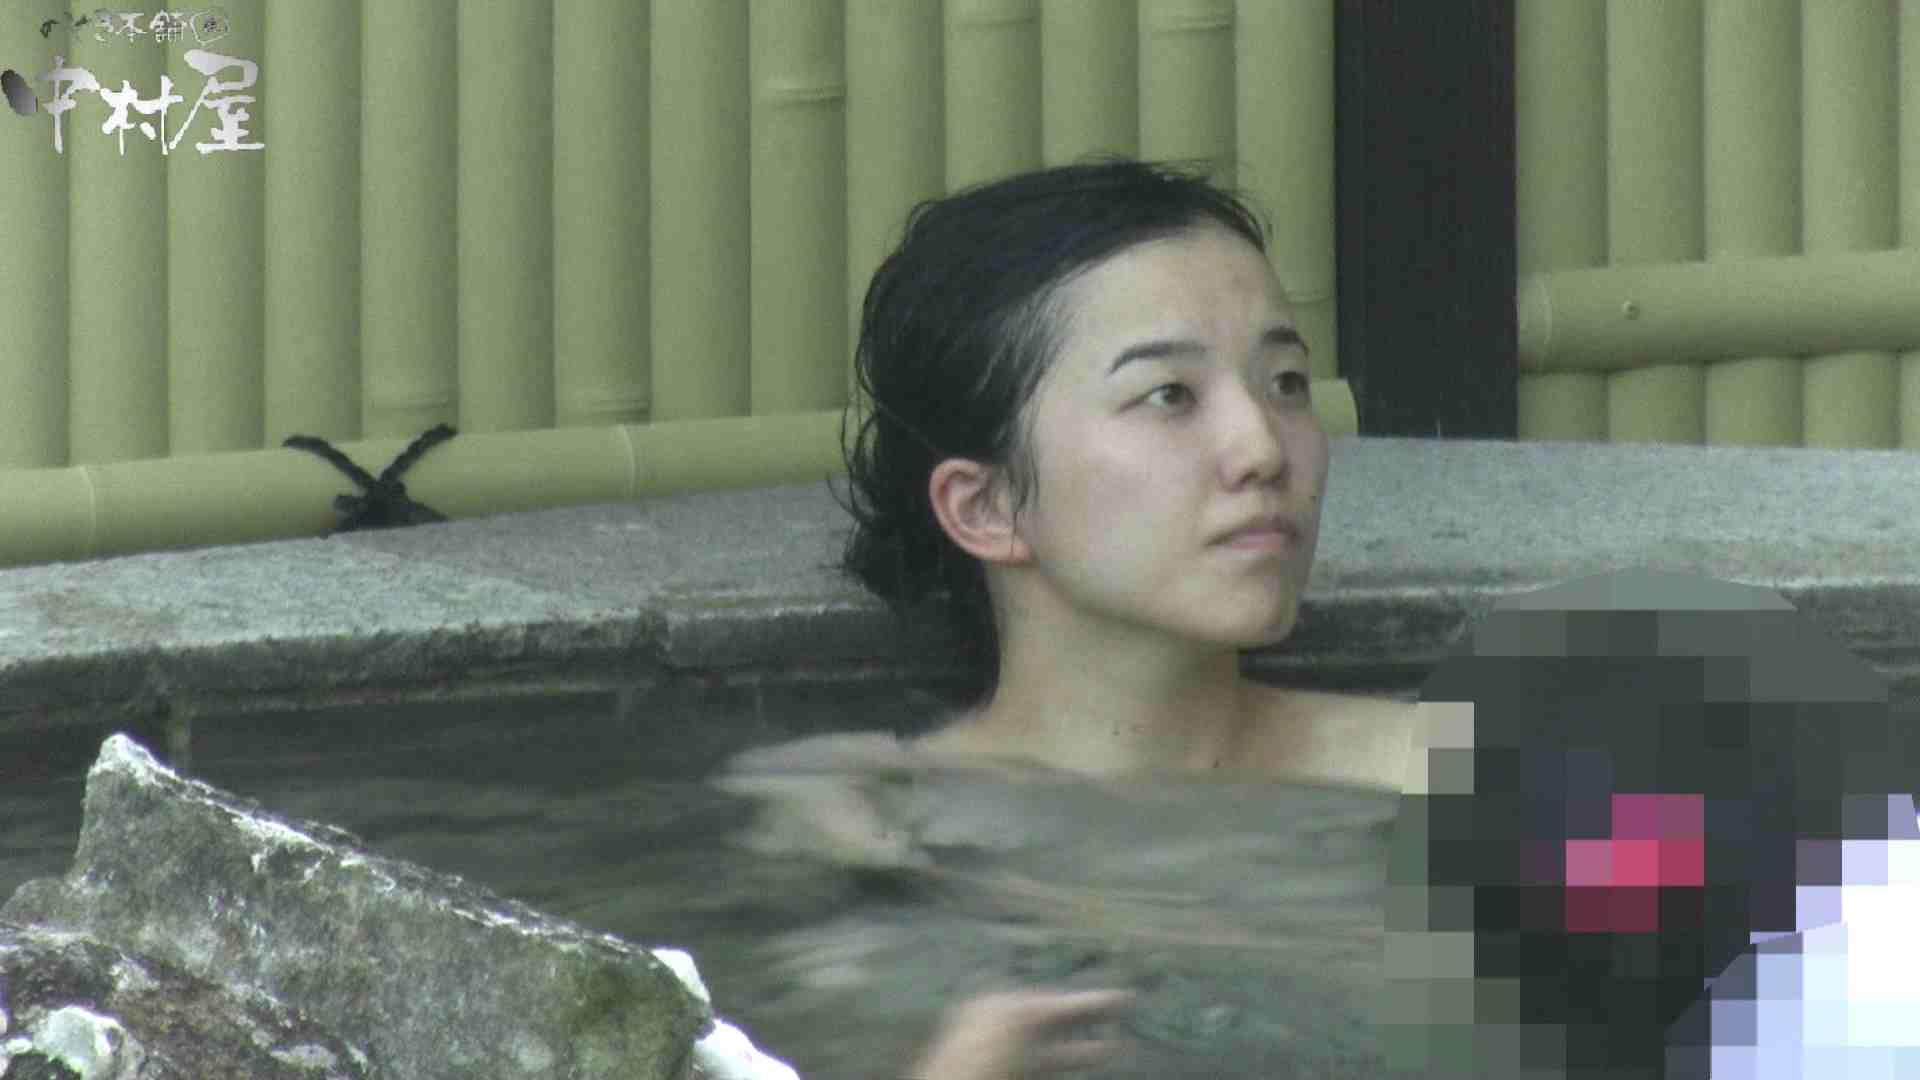 Aquaな露天風呂Vol.908 露天   盗撮  81pic 46